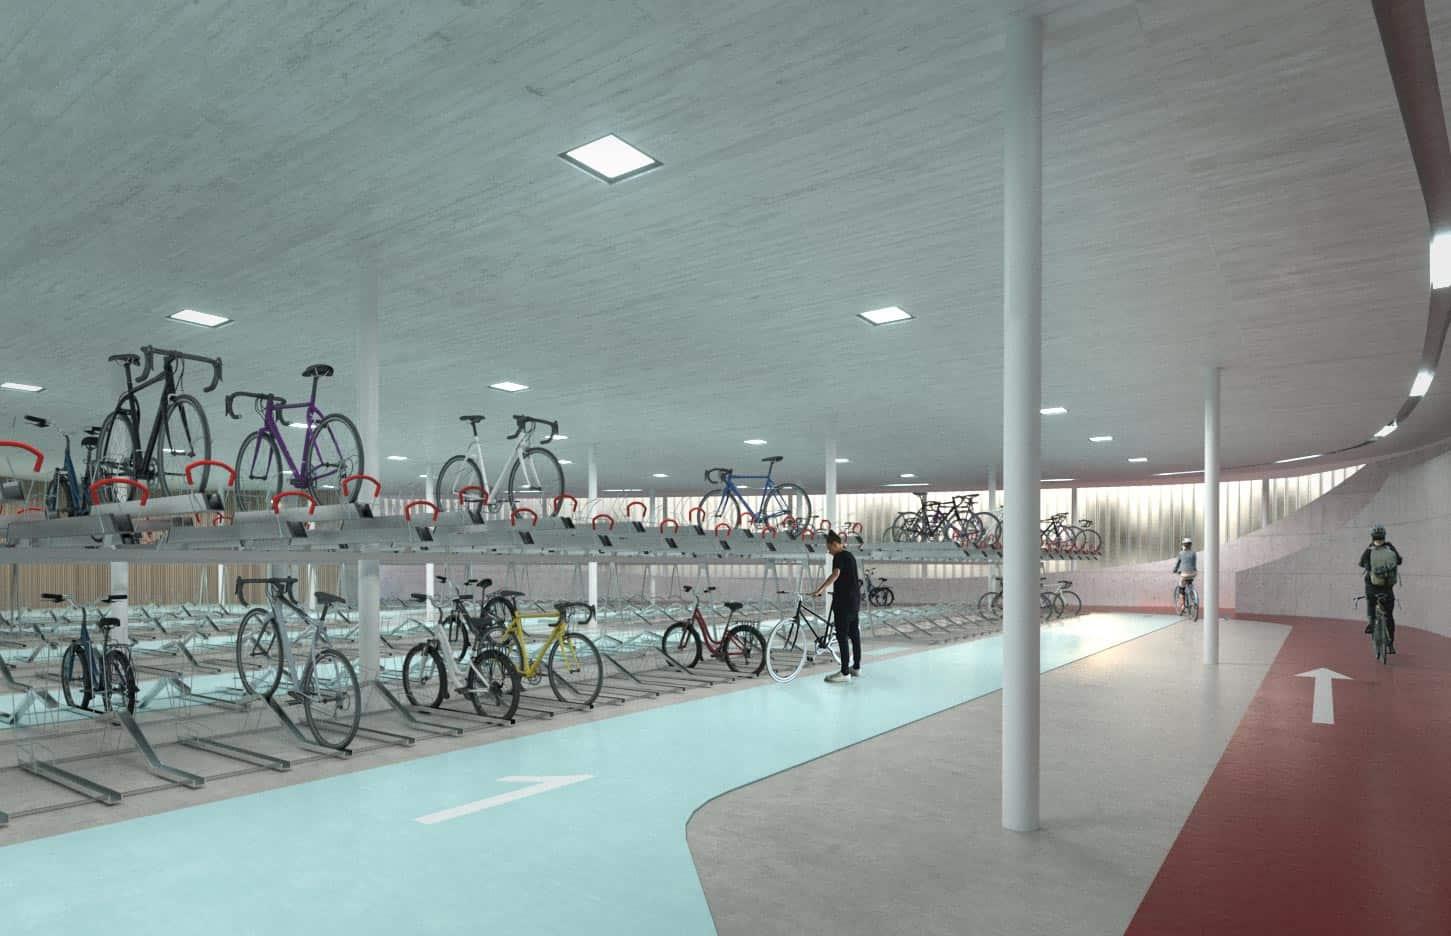 S2 Fahrradstation – Render Innen